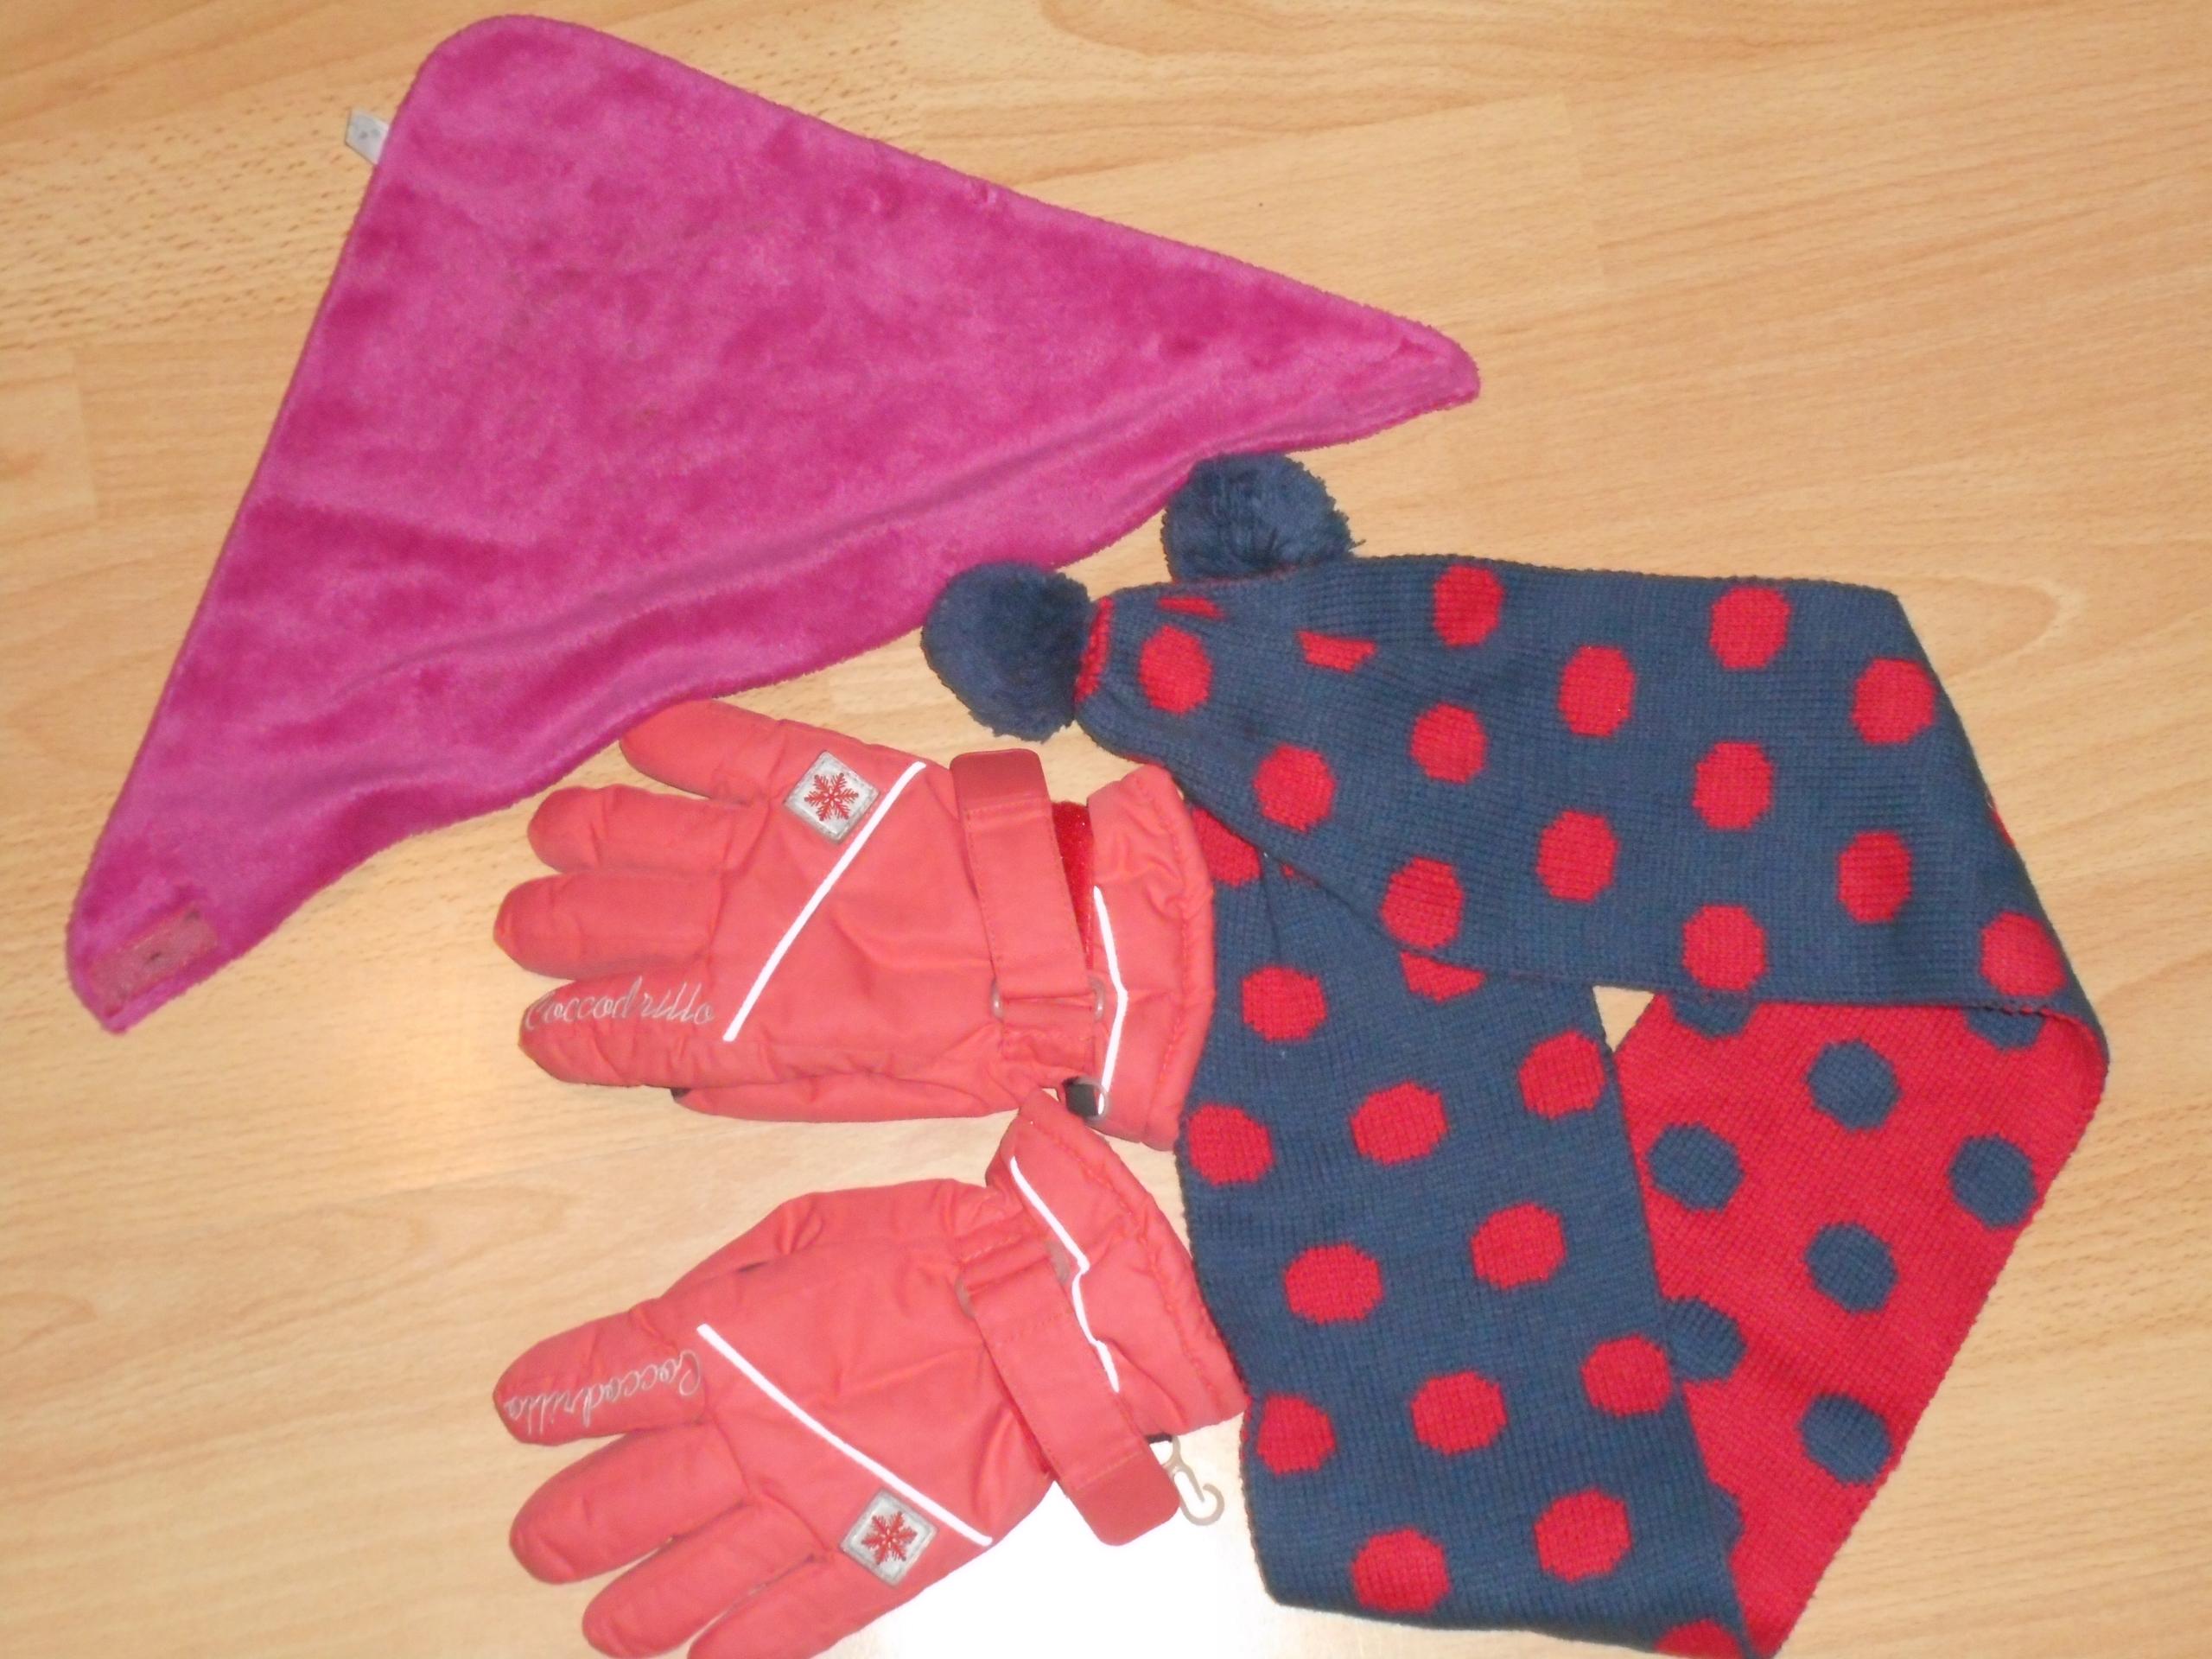 rękawiczki, szalik, chustka coccodrillo